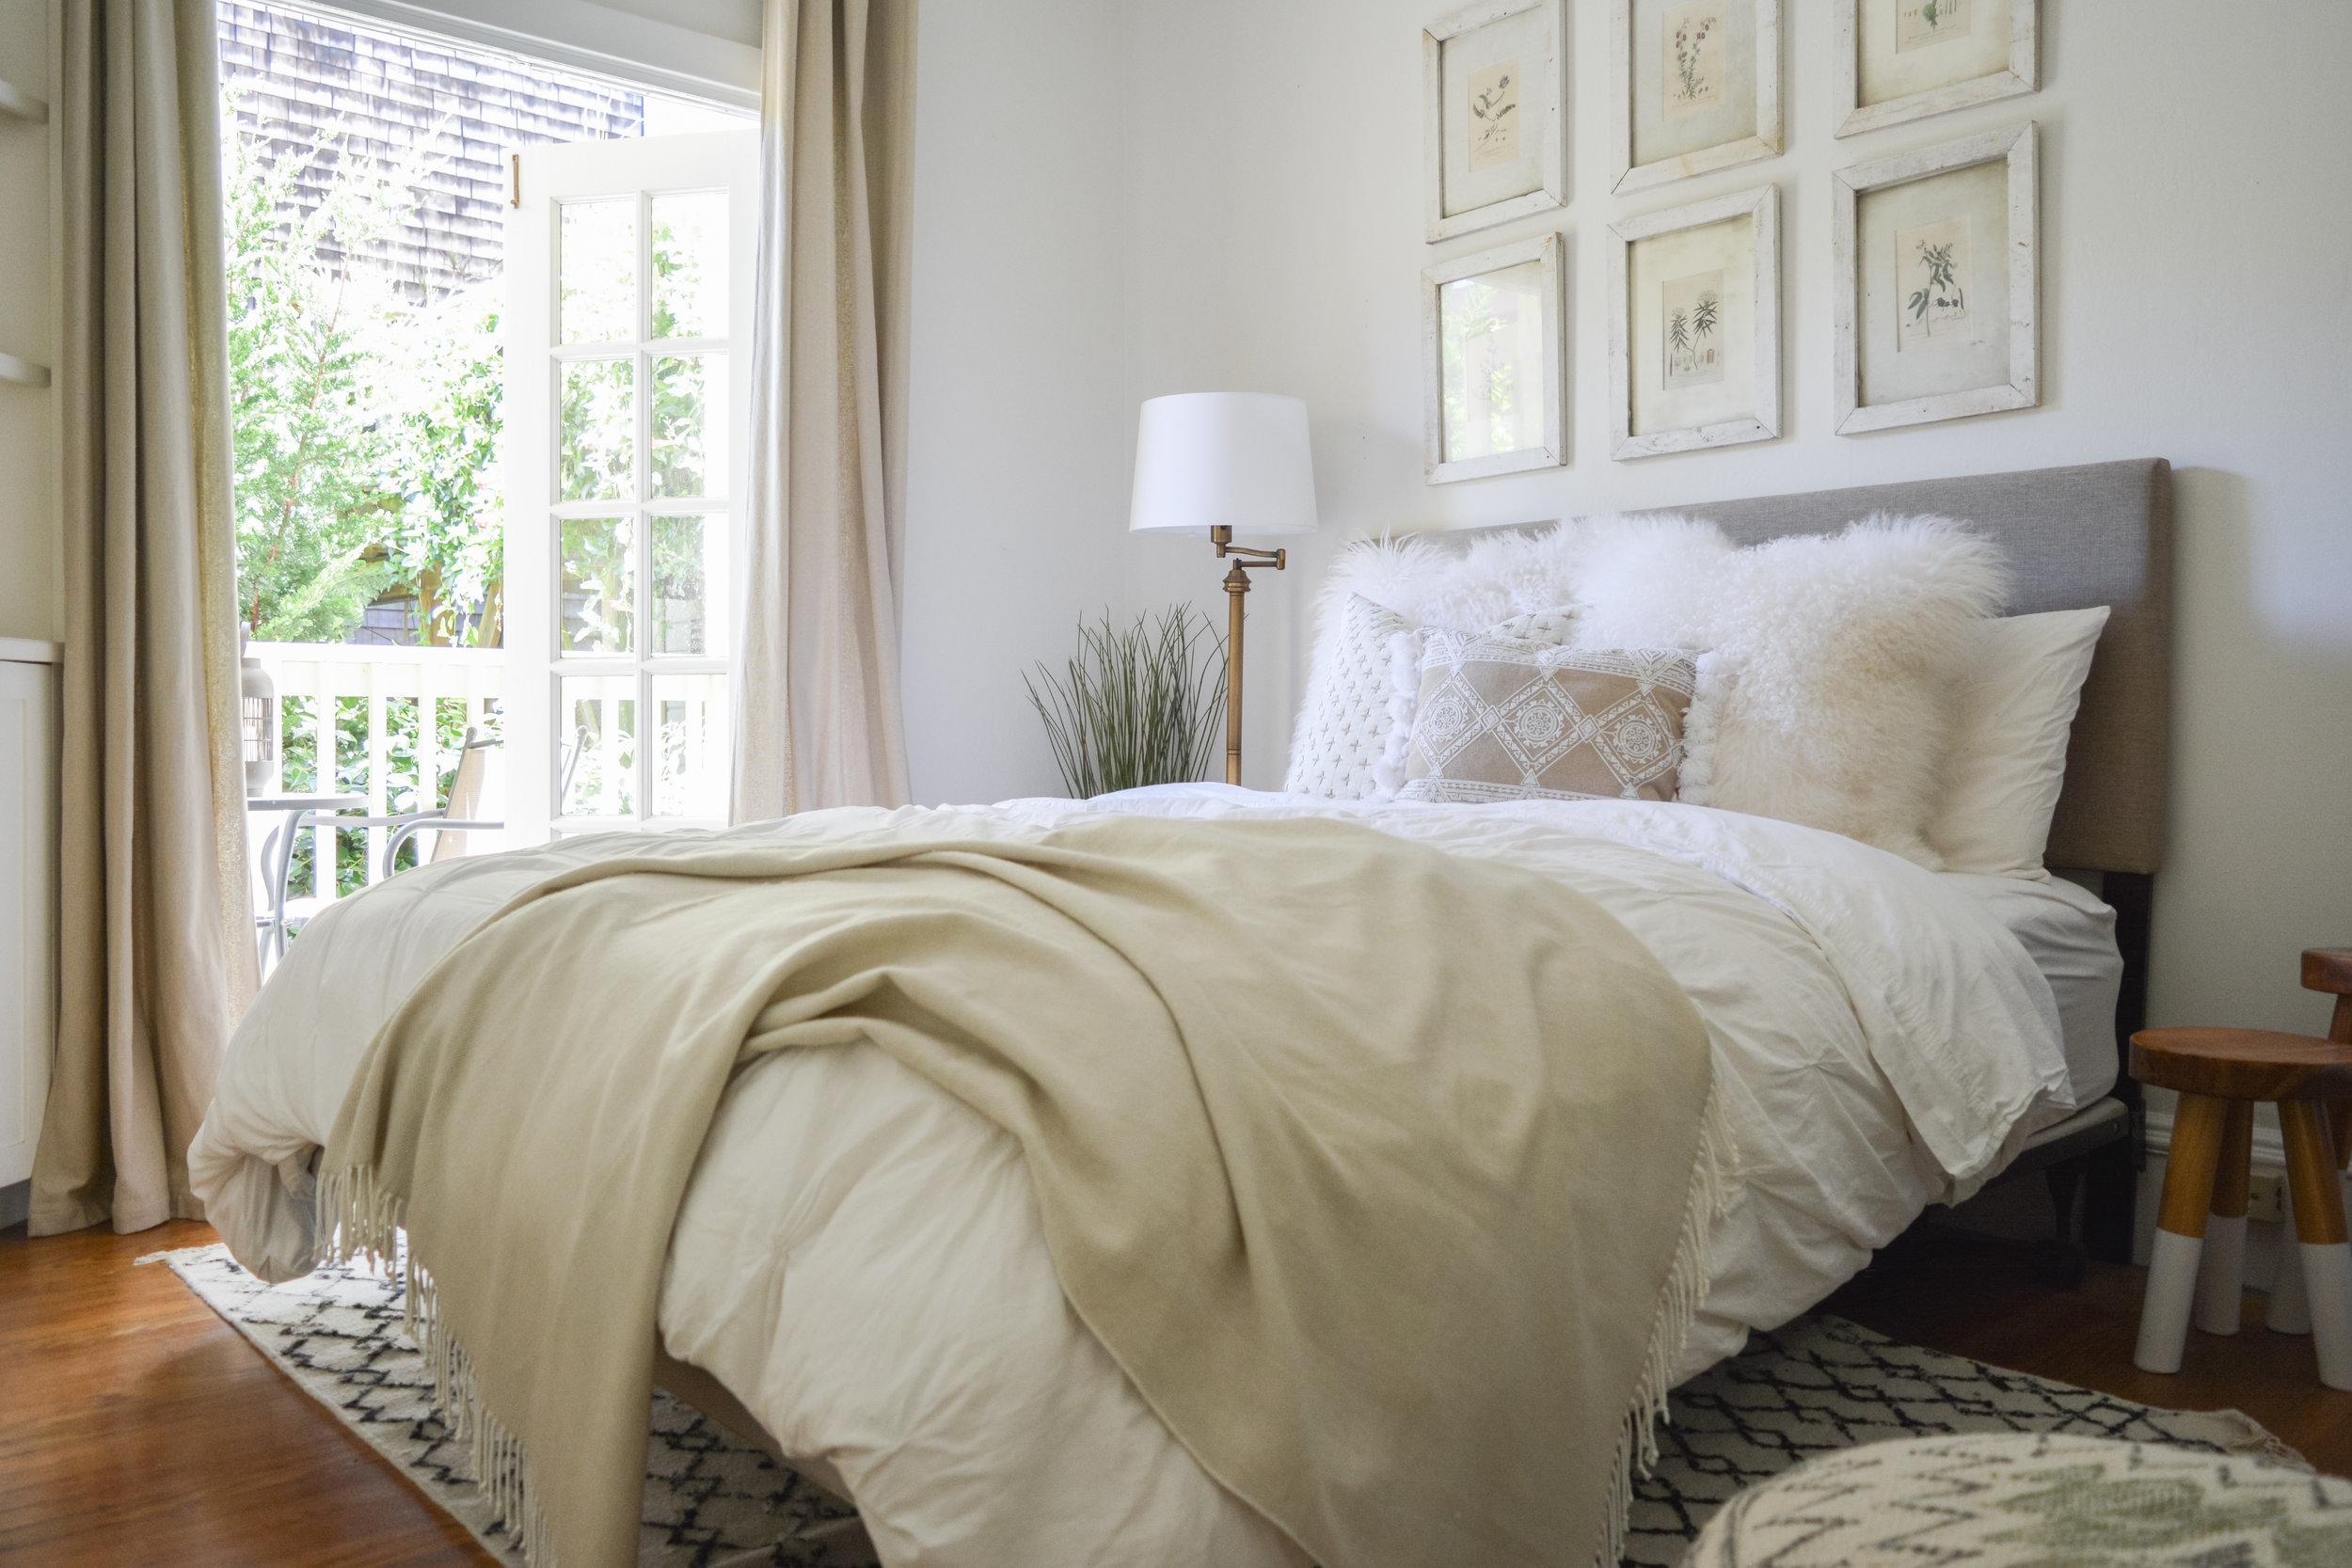 FILBERT GUEST BEDROOM